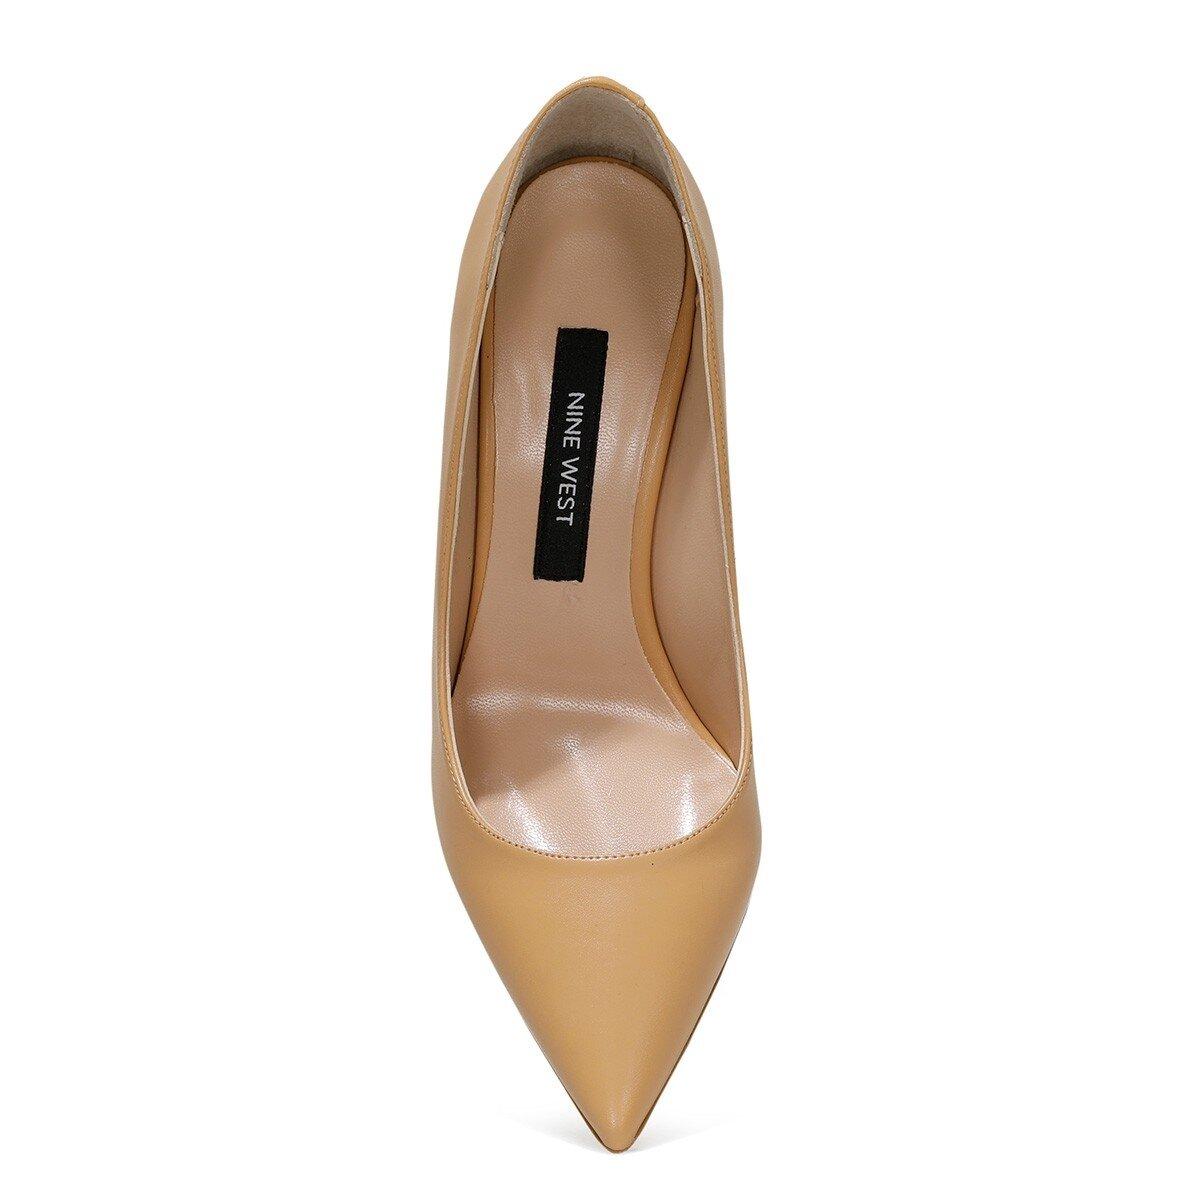 SUNNDAY 1FX Naturel Kadın Gova Ayakkabı